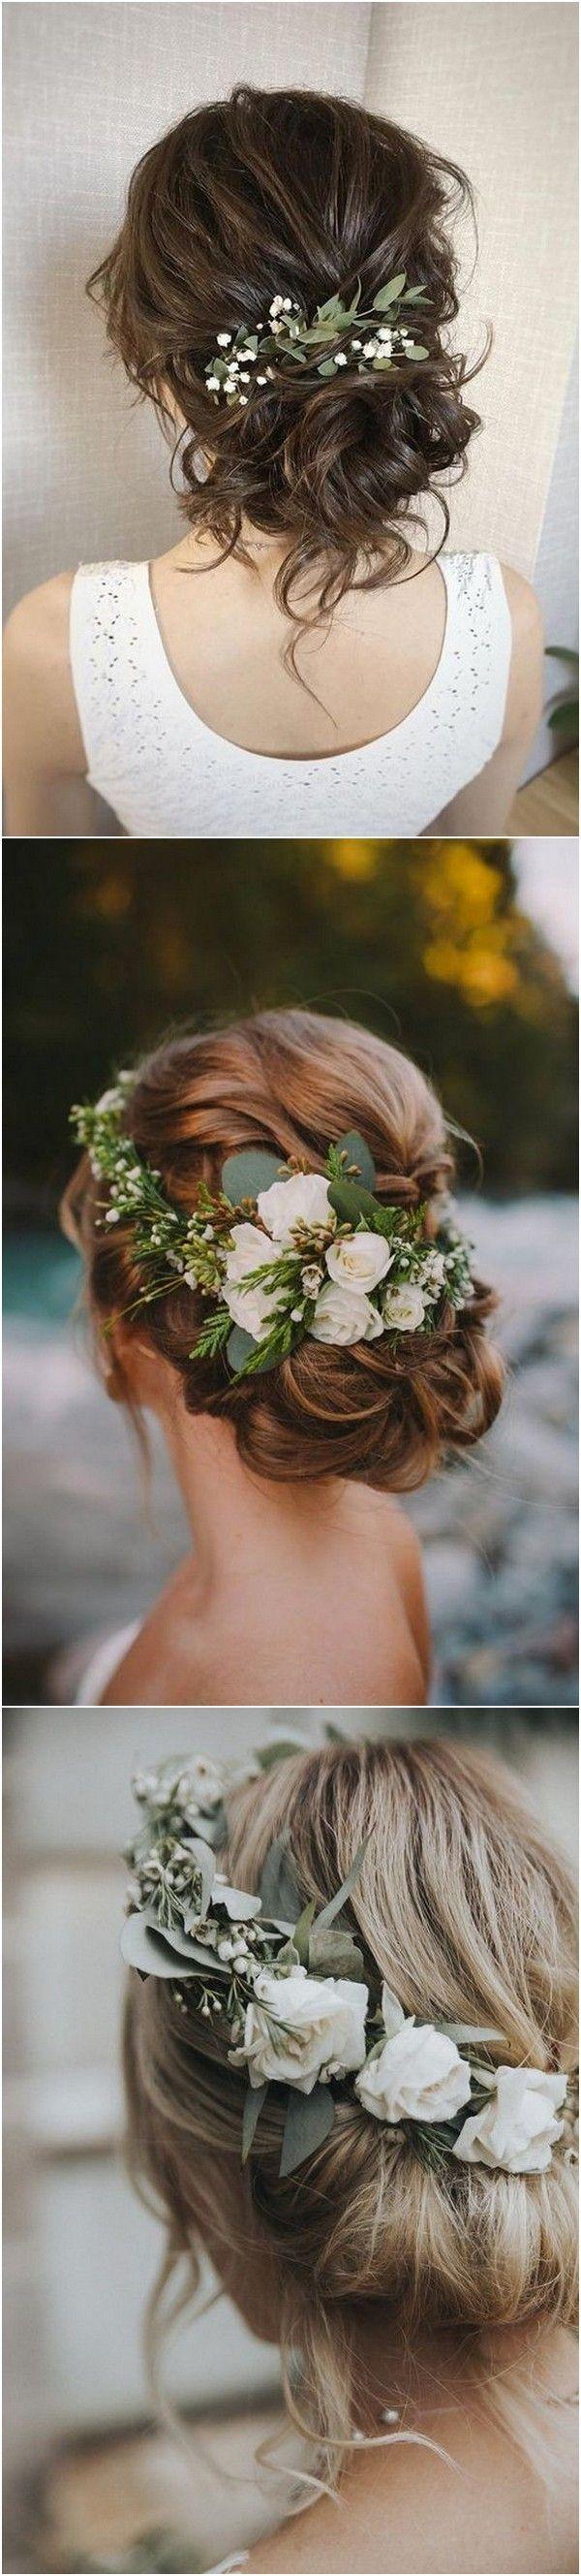 20 wunderschöne Hochzeitsfrisuren mit Blumen für den Herbst   – Wedding Inspir…